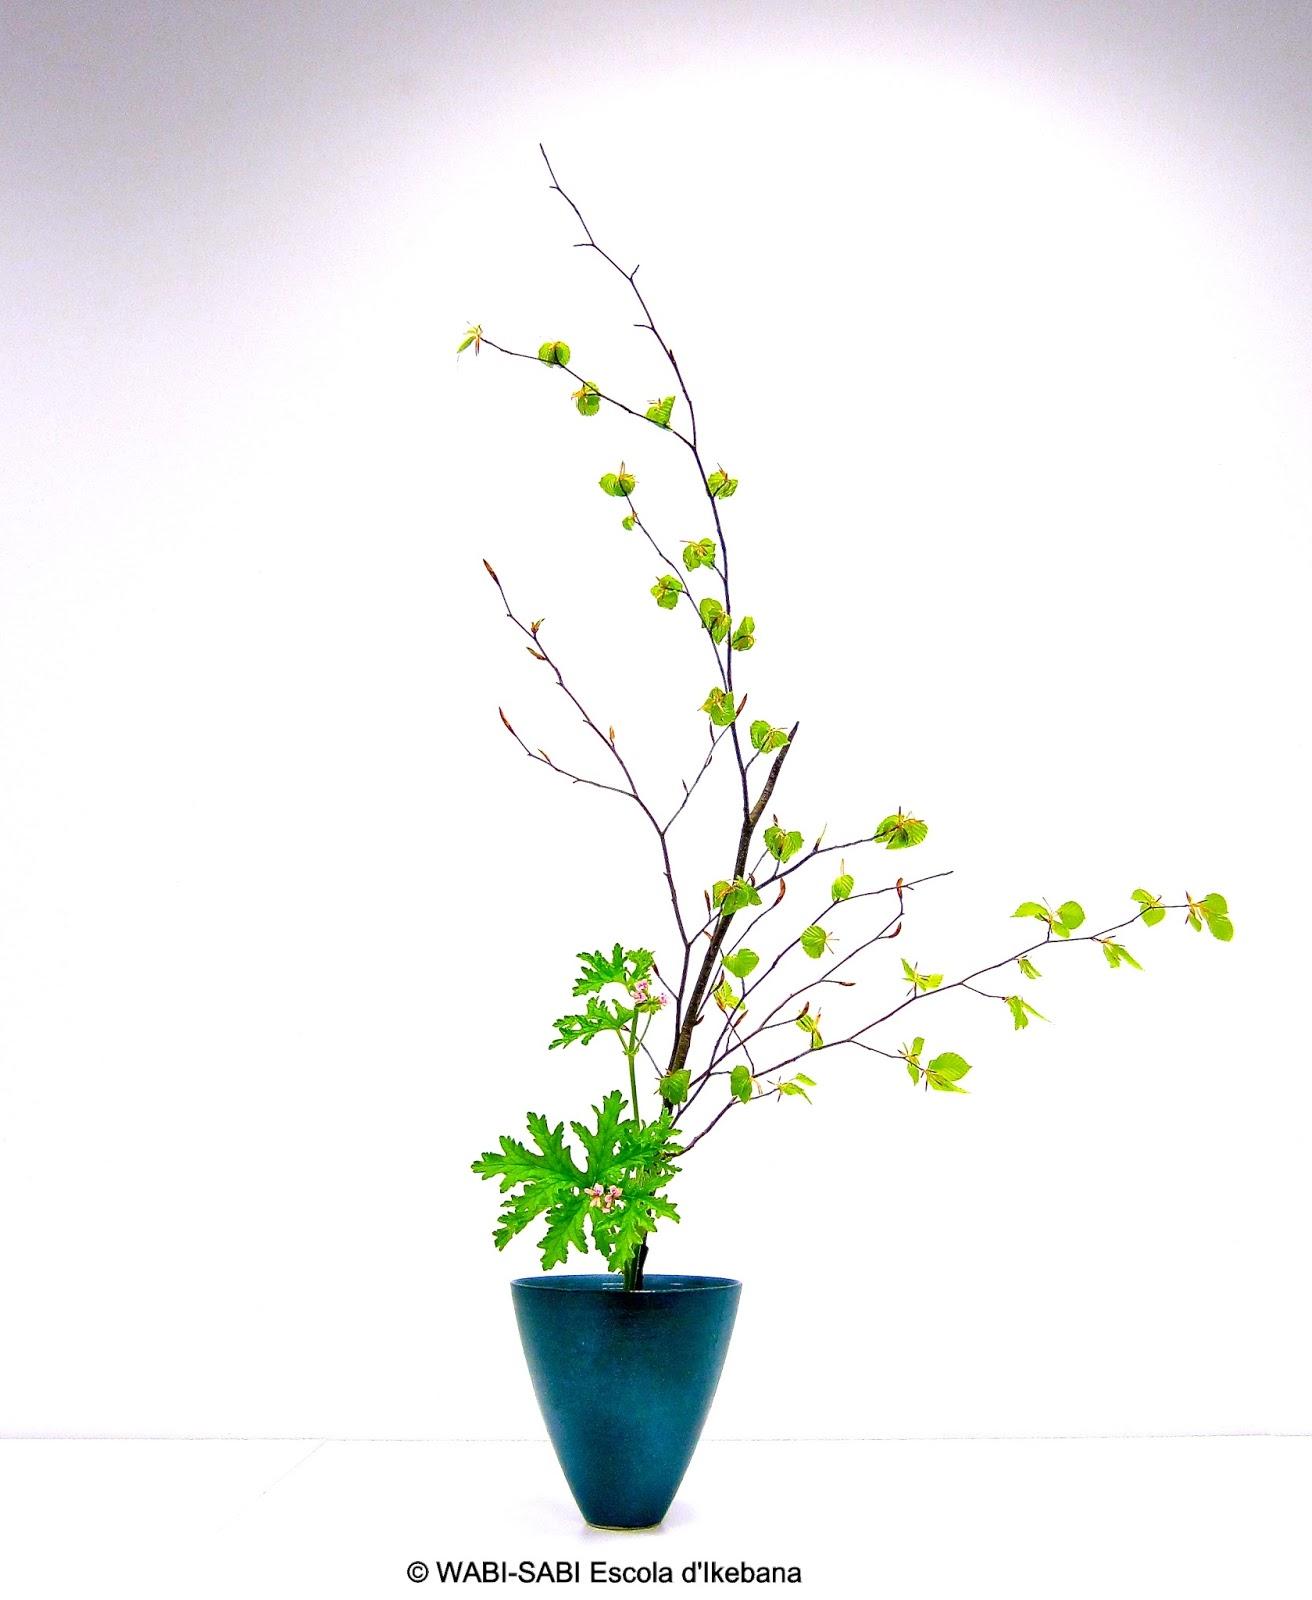 Ikebana-shoka shofutai-nishuike